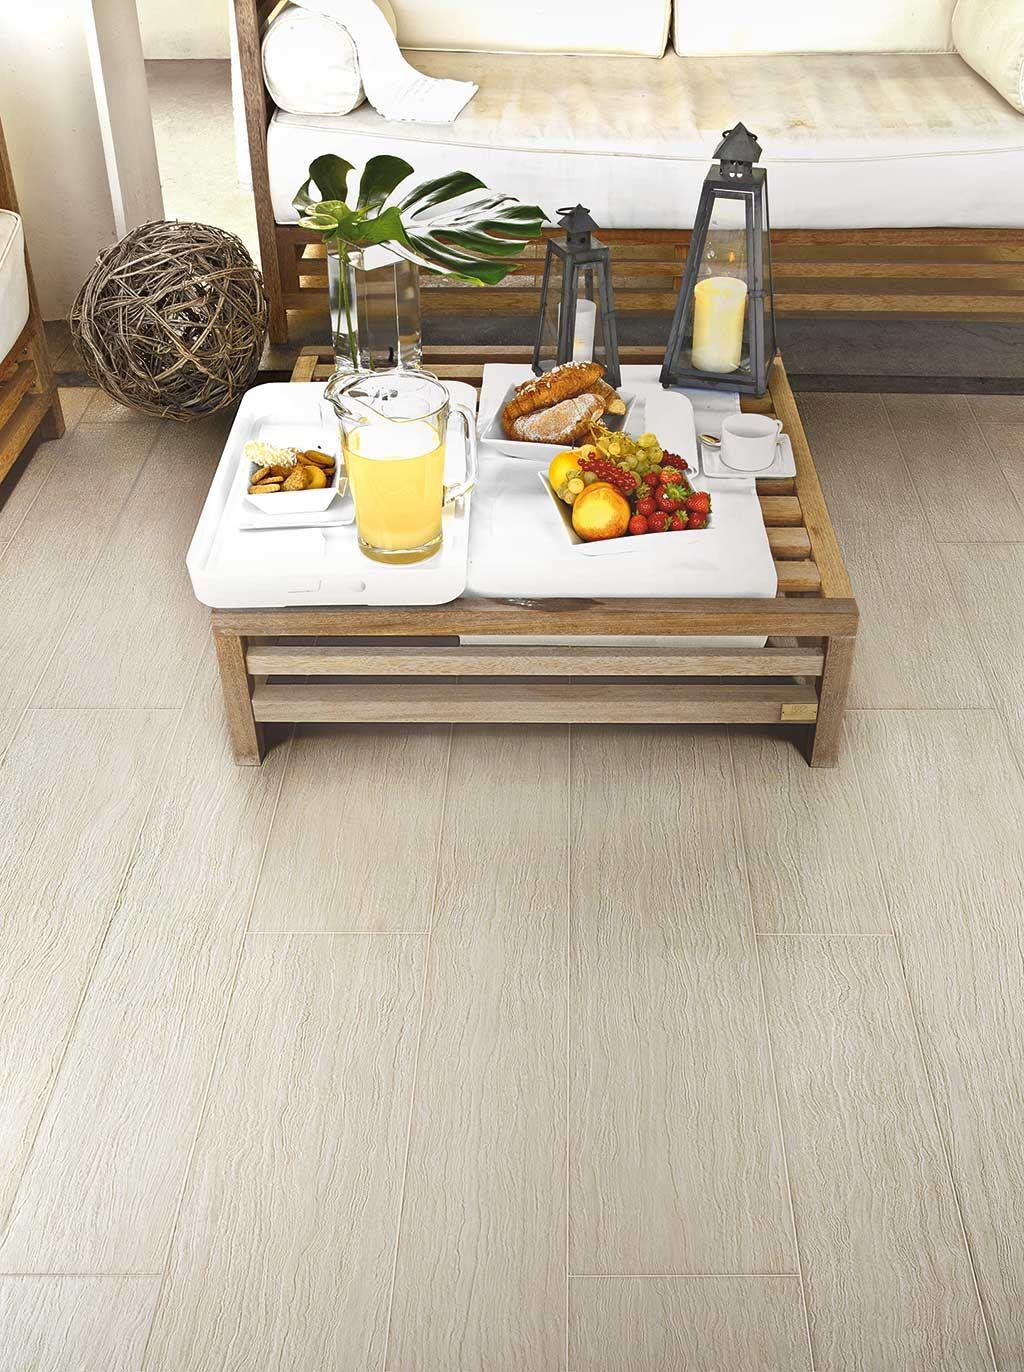 Merk: Floor Gres | Collectie: Geotech | Een collectie die zich laat inspireren door versteend hout uit de Mediterrane bossen. De collectie is beschikbaar in twee kleuren (Geowhite en Geoblack) en 3 oppervlakken. | #Geotech #houtlook #Wood #tiles #italiantiles #designtiles #design